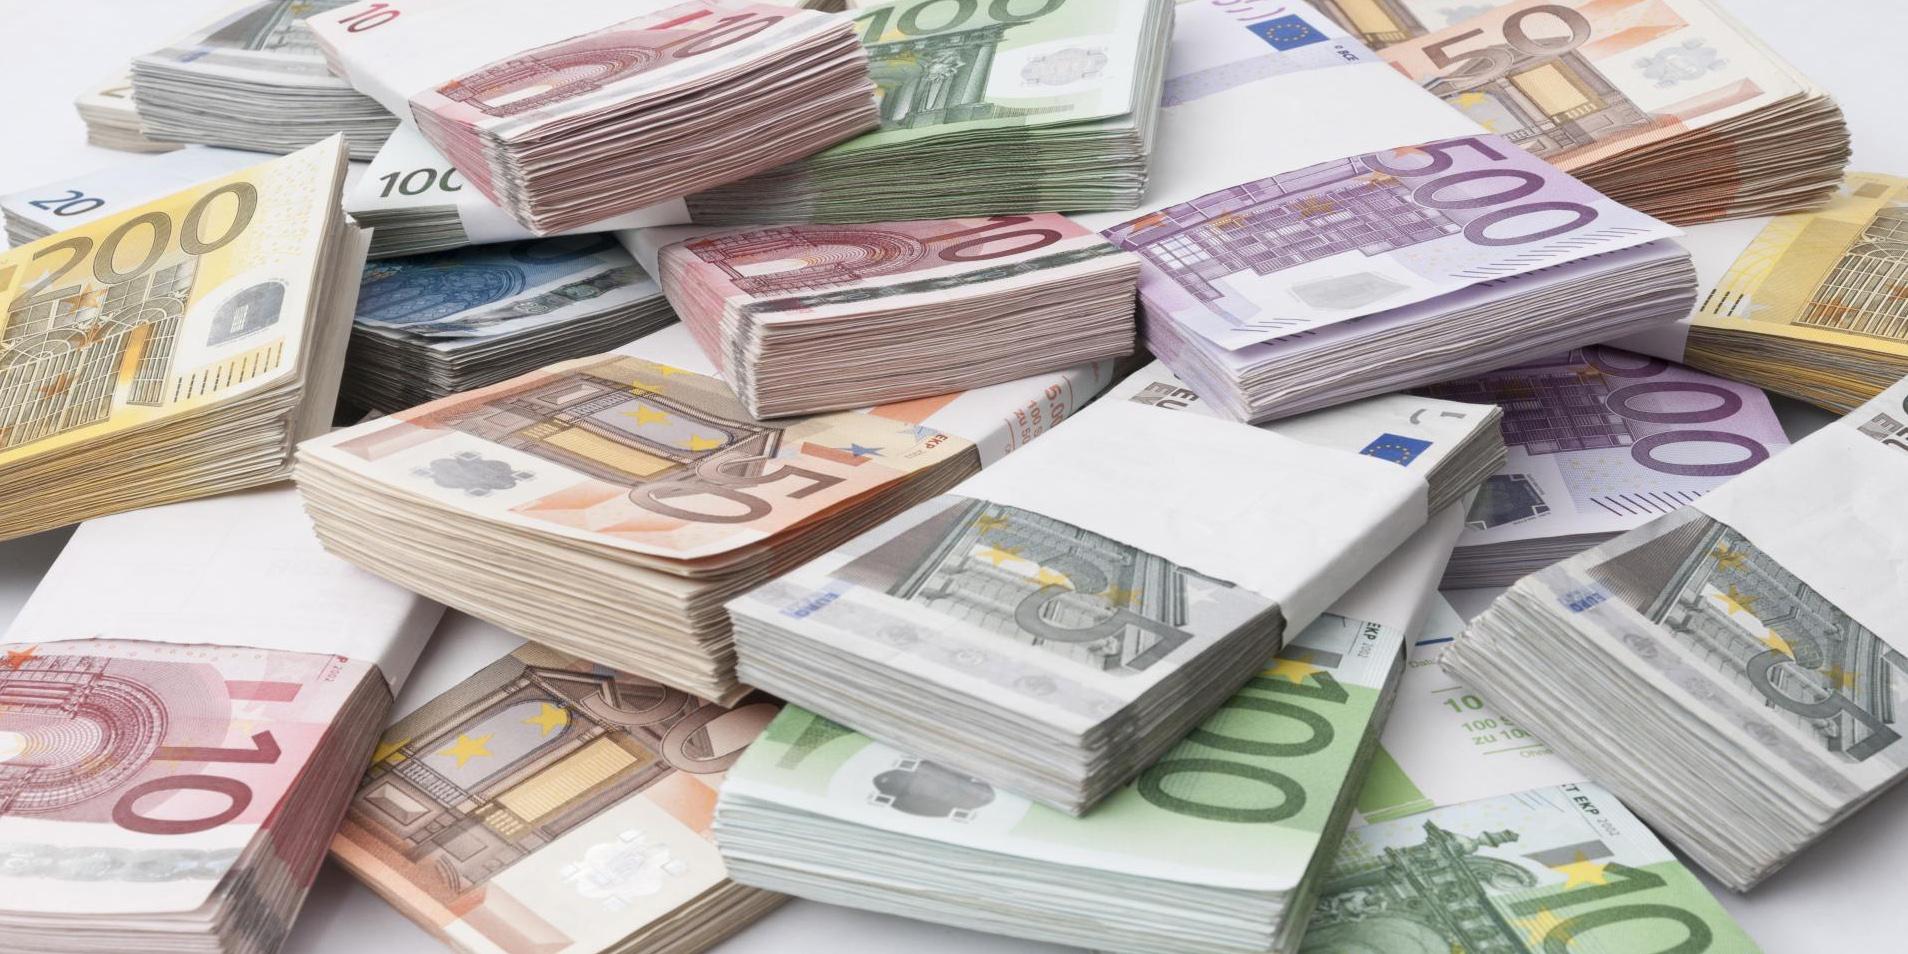 10 کانال جذب سرمایه خارجی